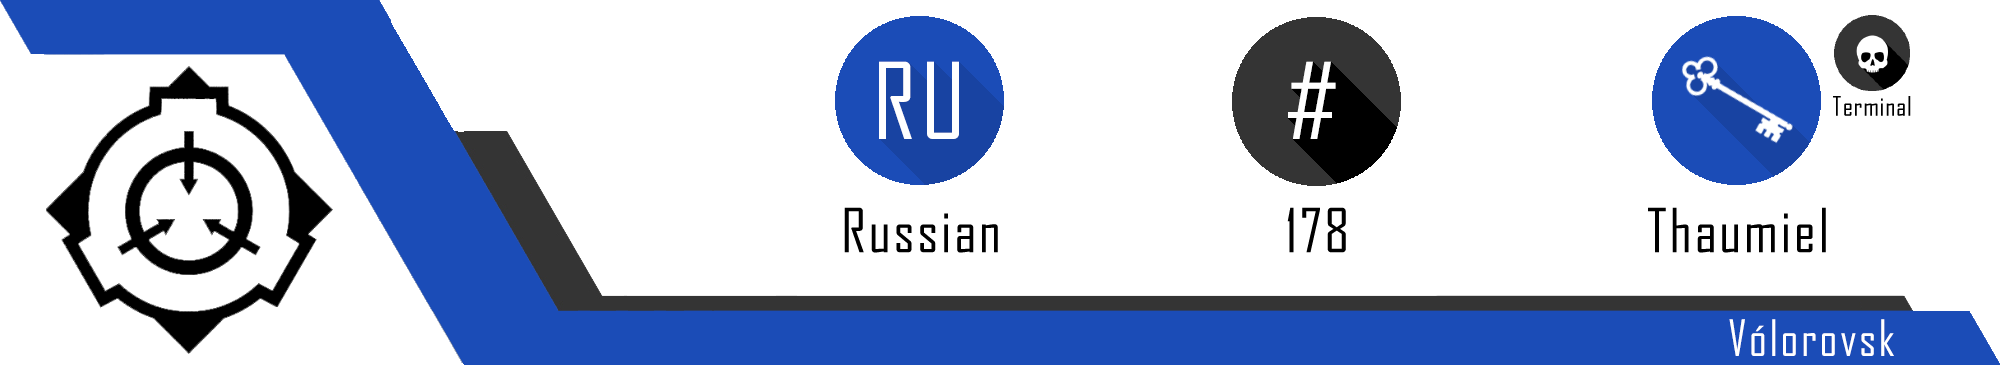 RU-HEADER-178-2.png